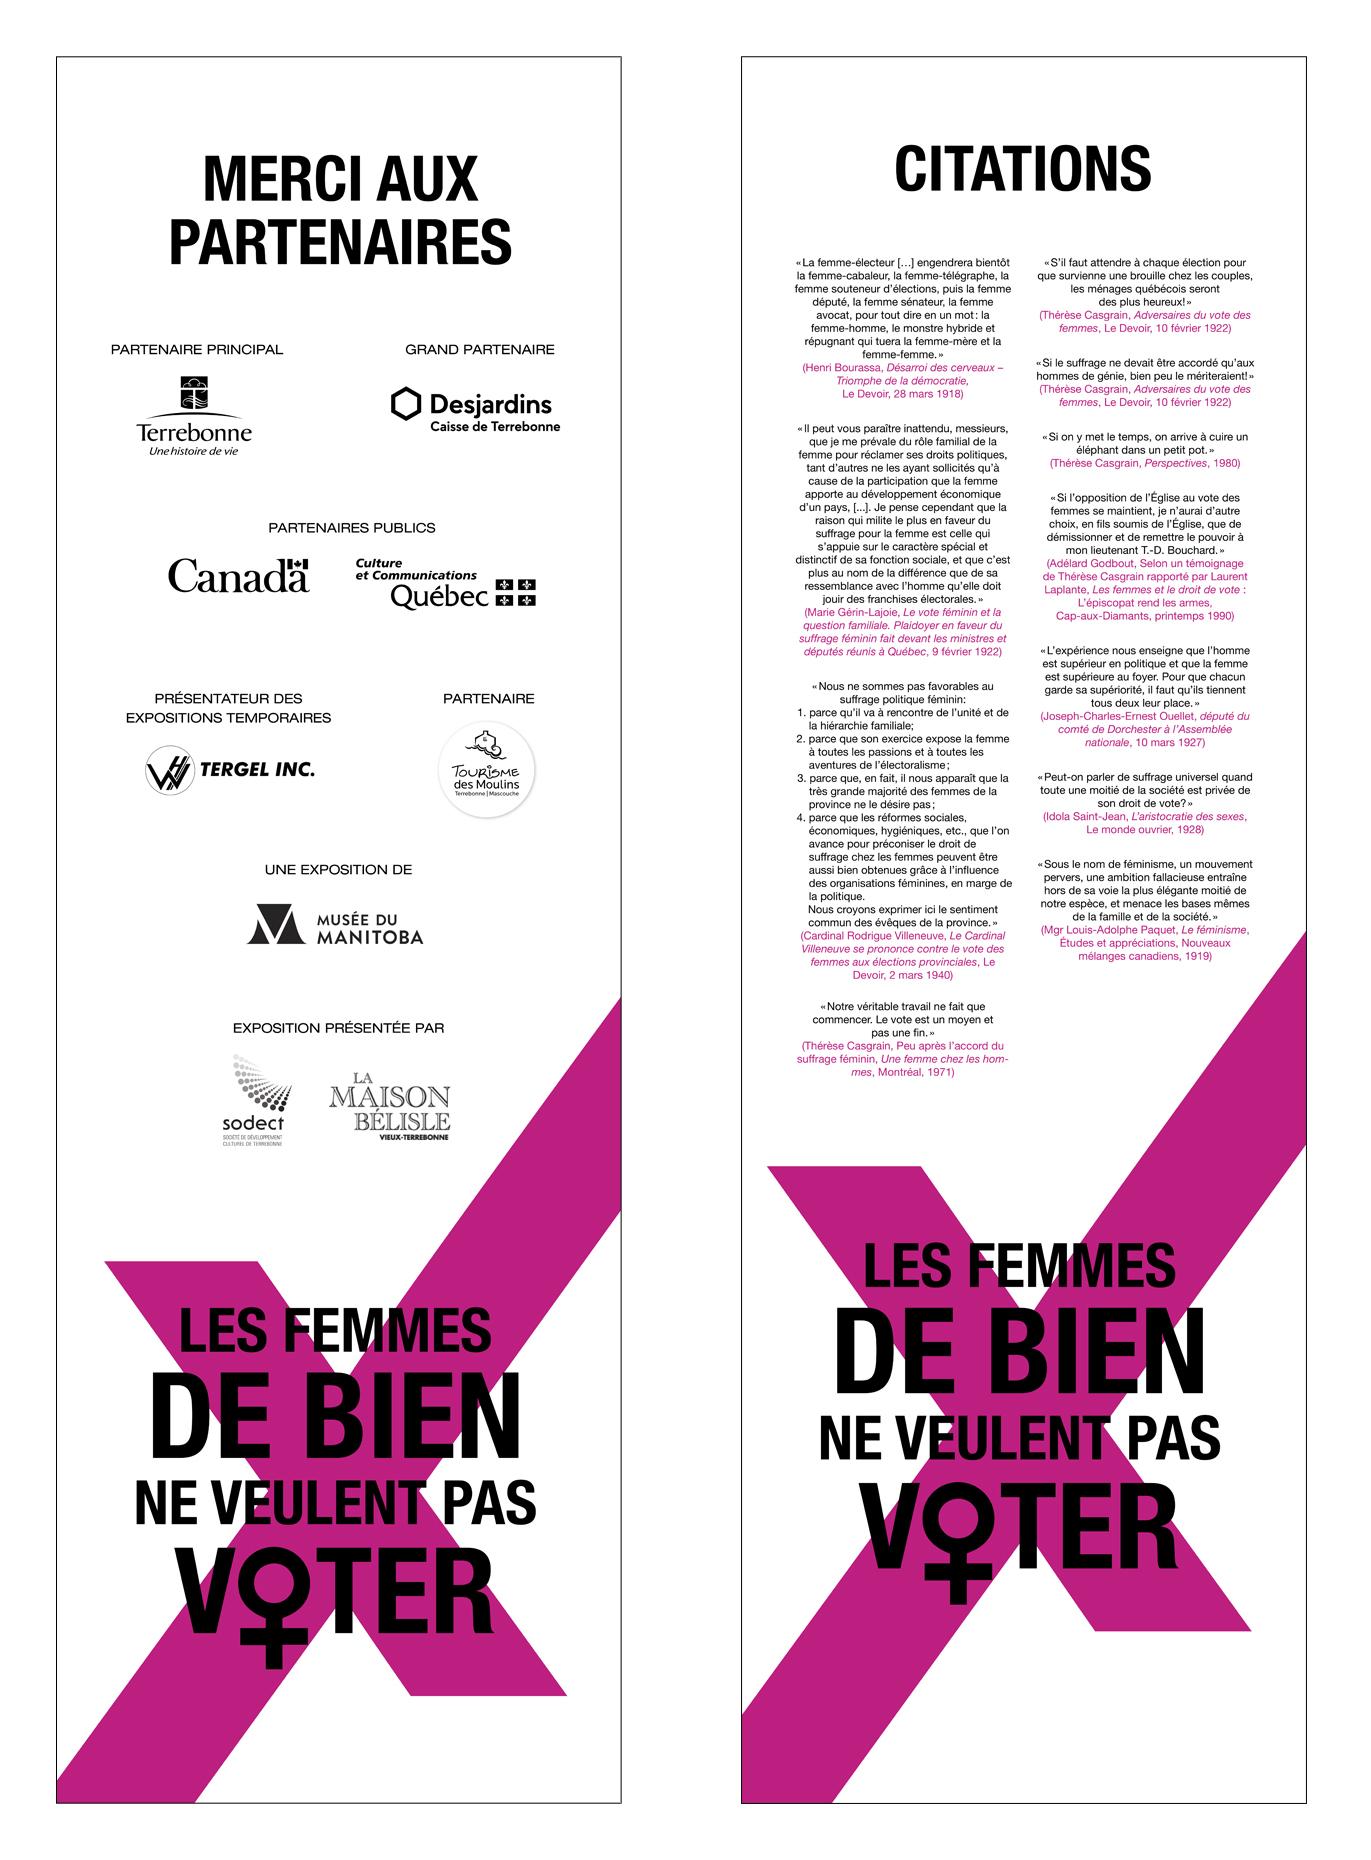 exposition-les-femmes-de-bien-ne-veulent-pas-voter-panneauxjpg